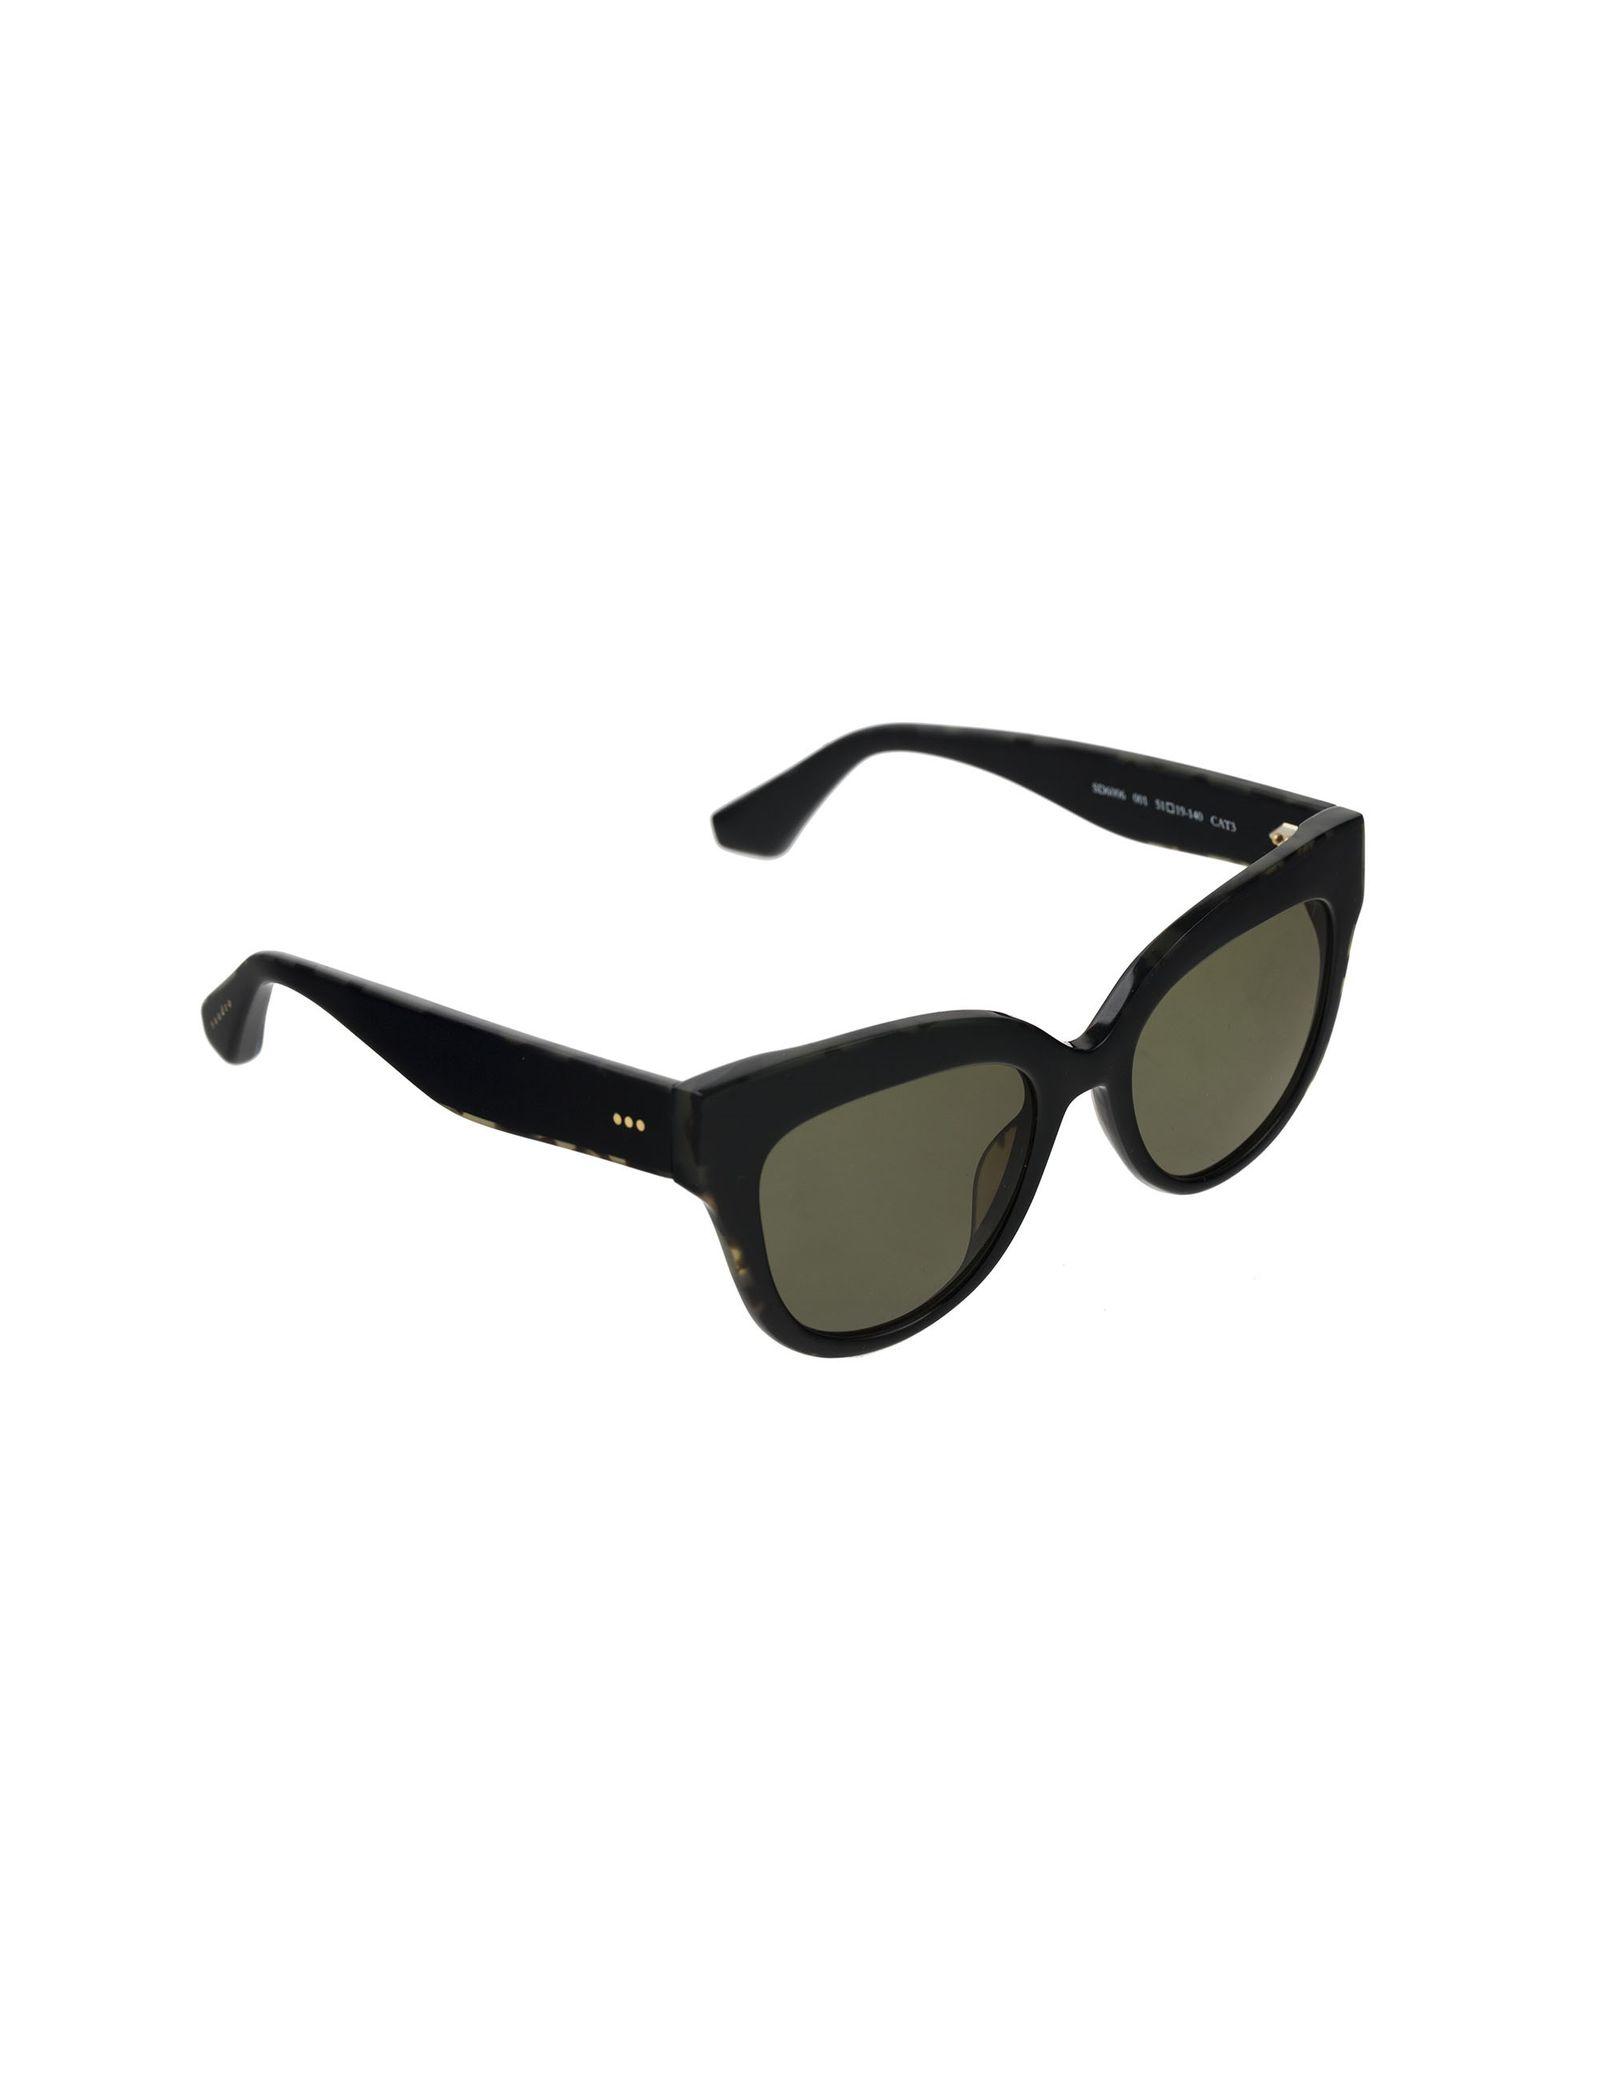 عینک آفتابی گربه ای زنانه - ساندرو - مشکي        - 2